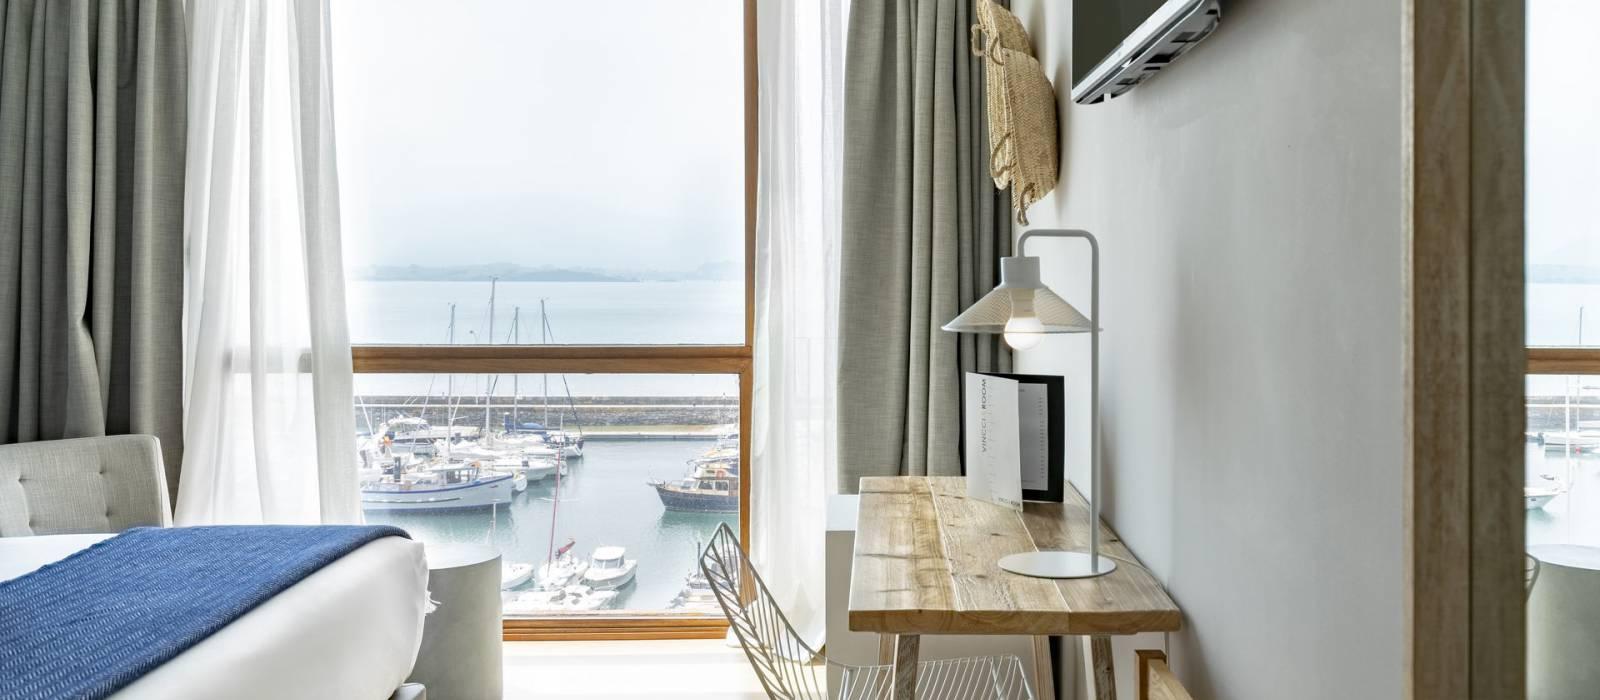 Offerte Hotel Vincci Puertochico Santander - Soggiorna 3 notti e risparmia -15%